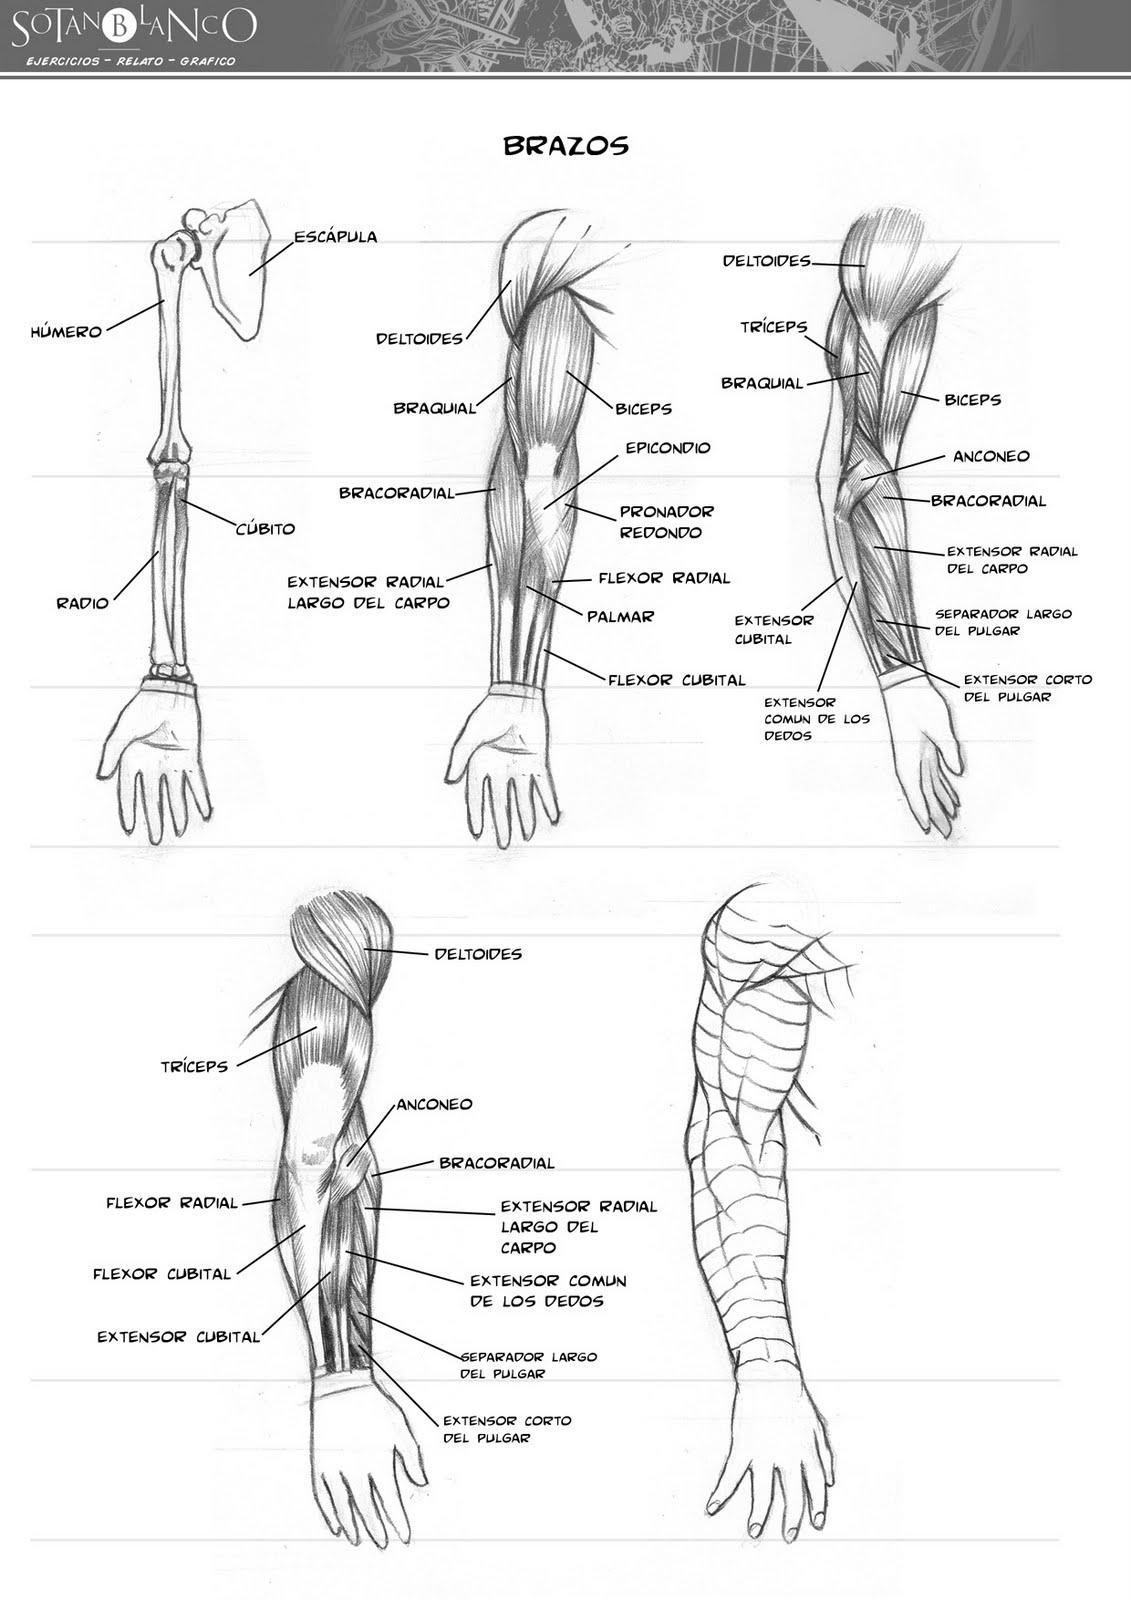 ejercicios: Anatomía (brazo)